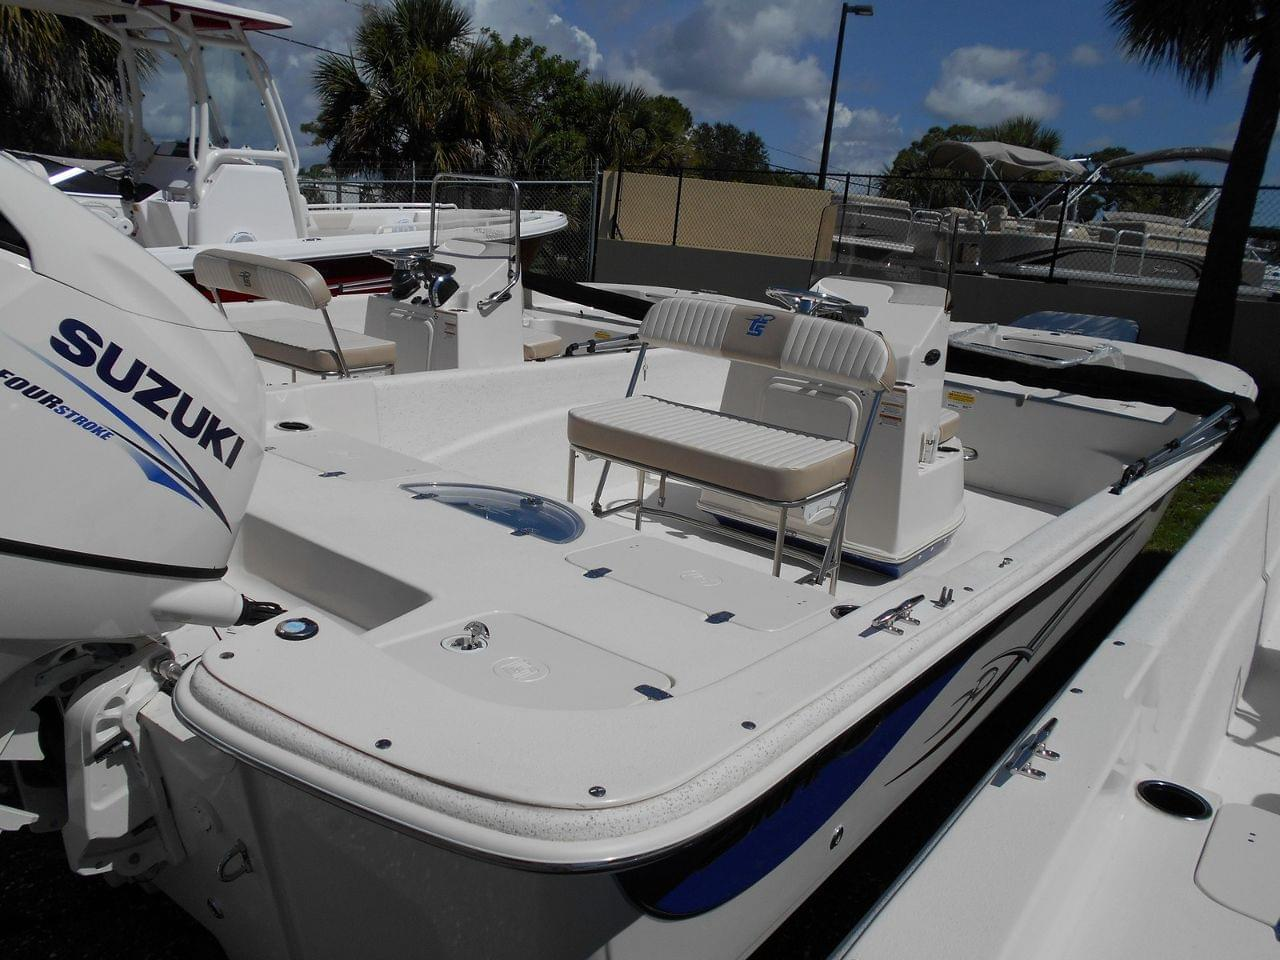 New 2015 Carolina Skiff 218 DLV for sale